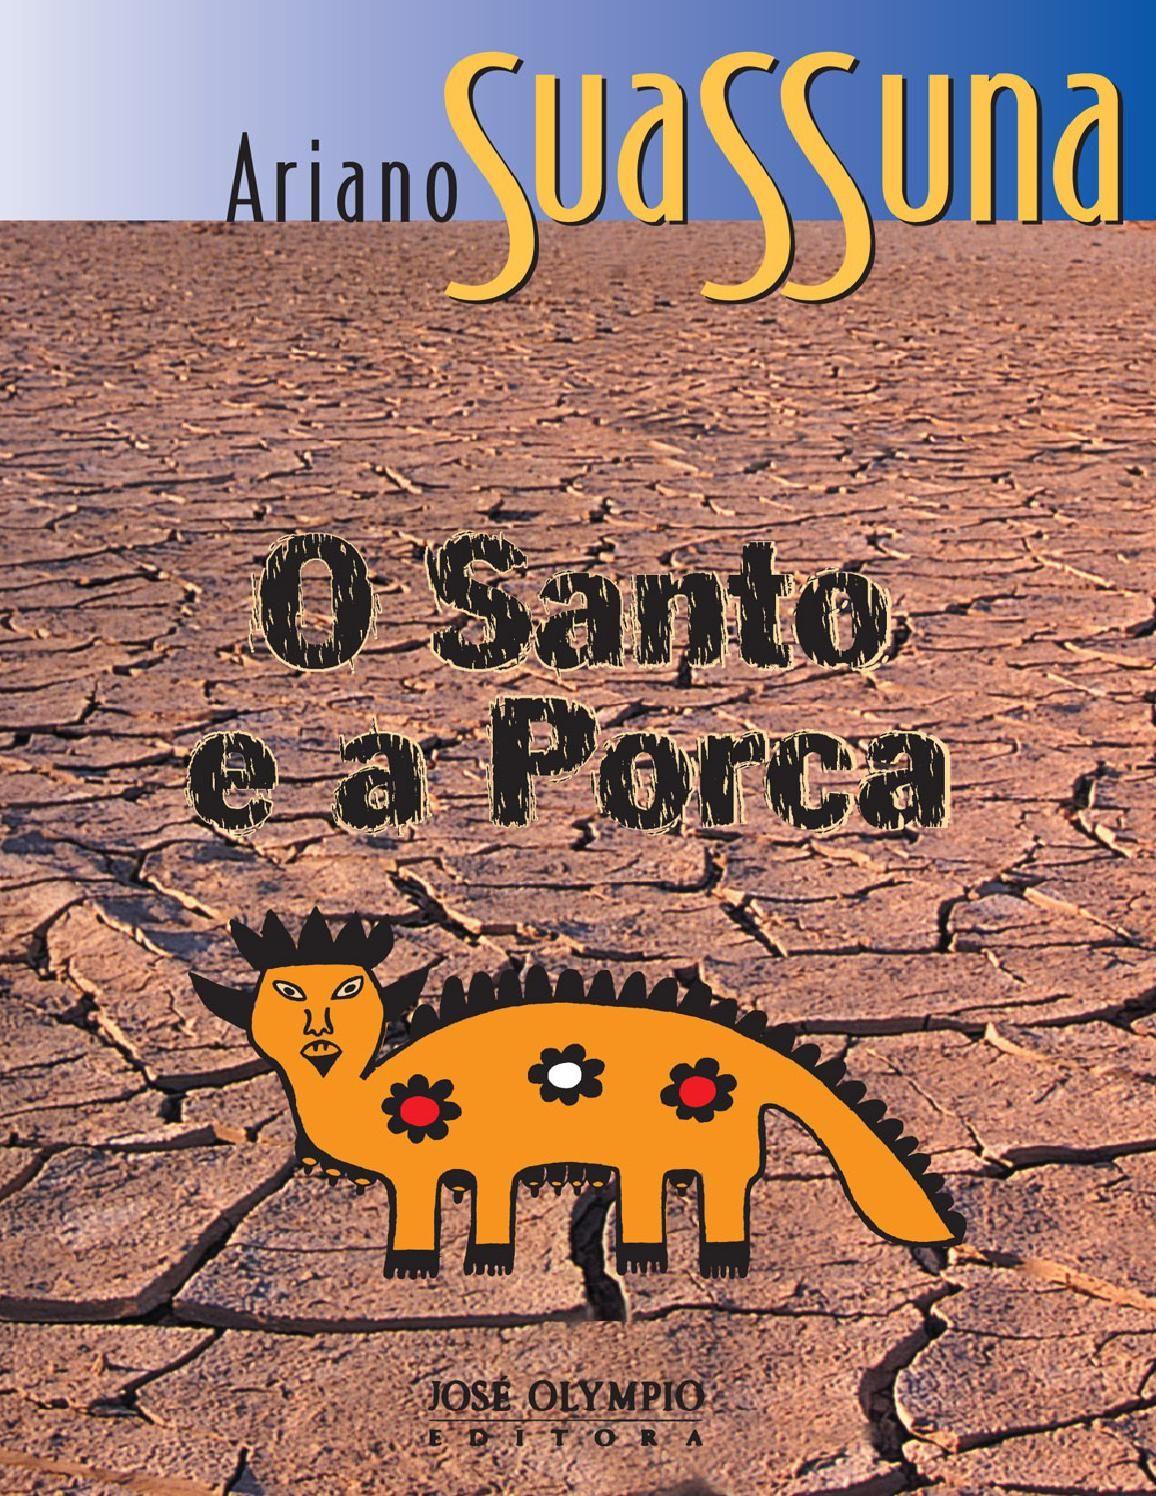 O Santo E A Porca Ariano Suassuna Suassuna Ariano Le Livro